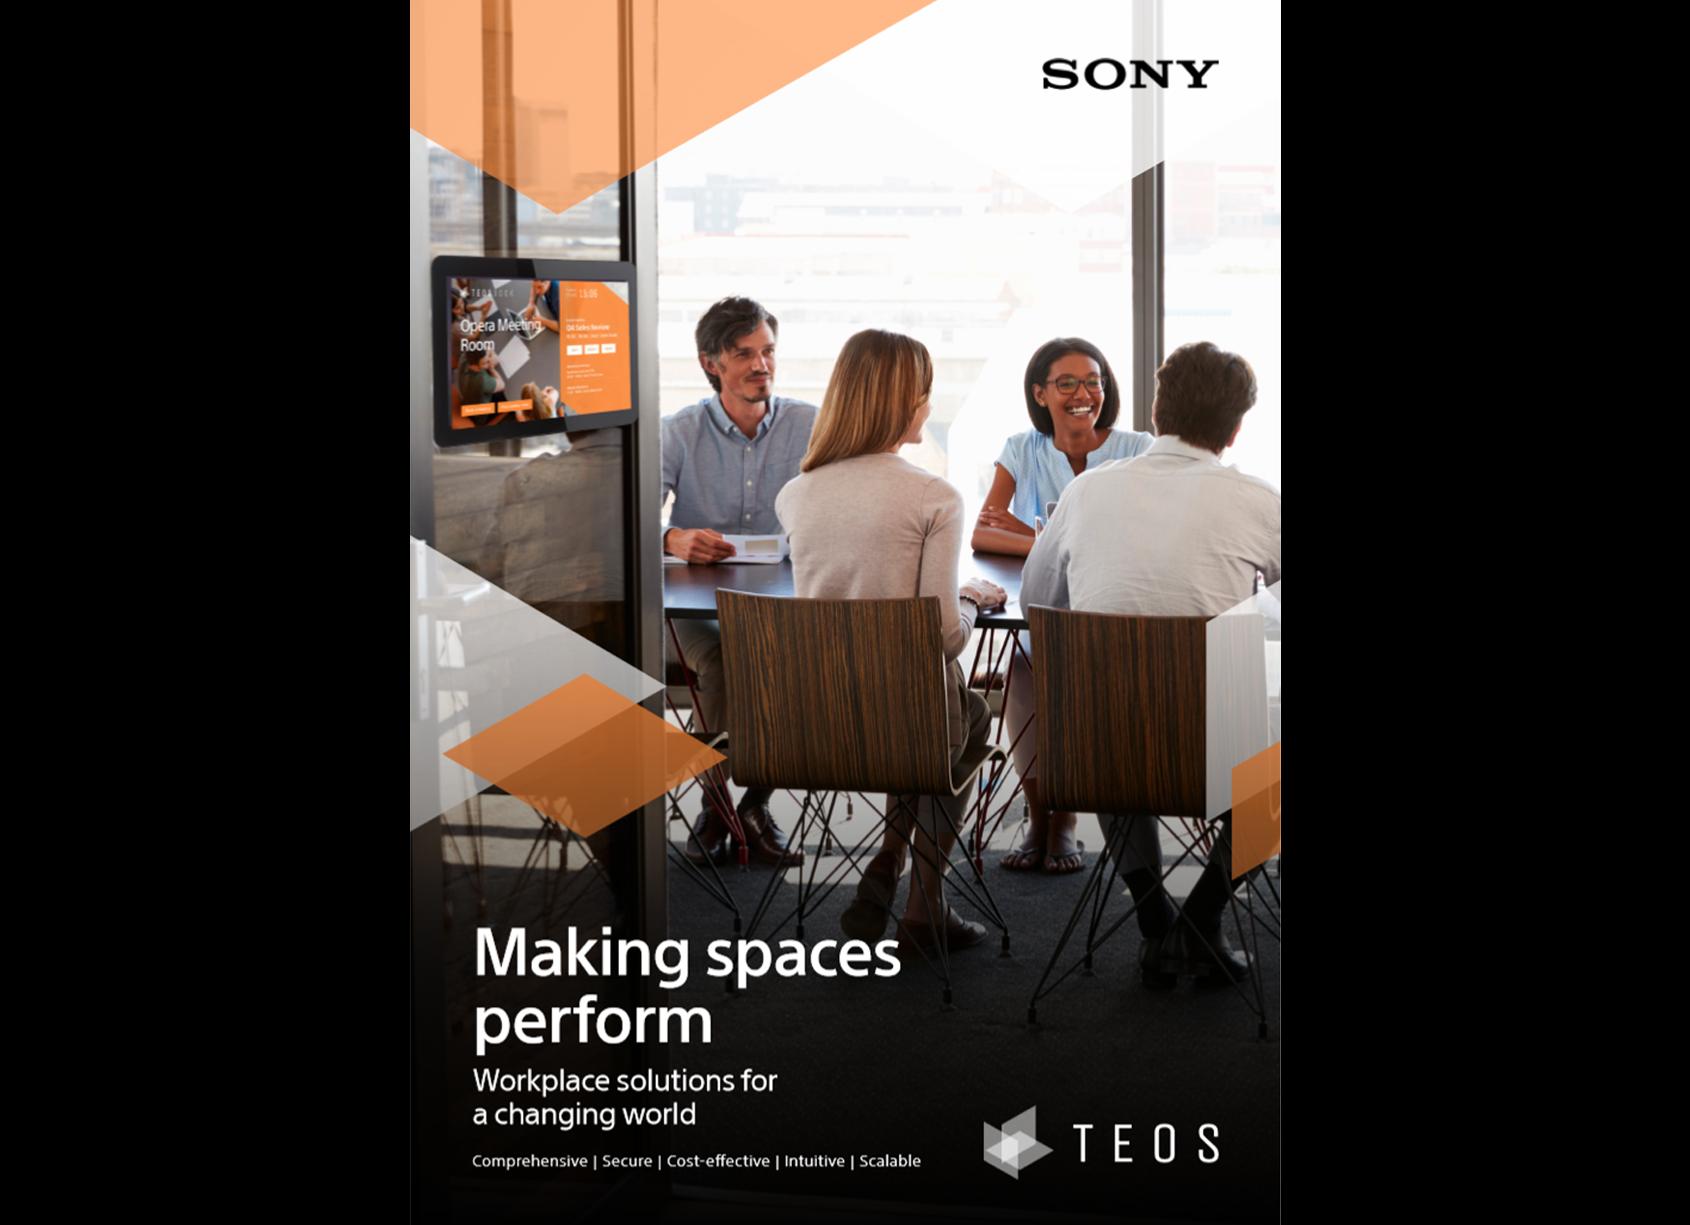 Титульная страница брошюры TEOS: «Как заставить помещения работать: решения для рабочих пространств в меняющемся мире»